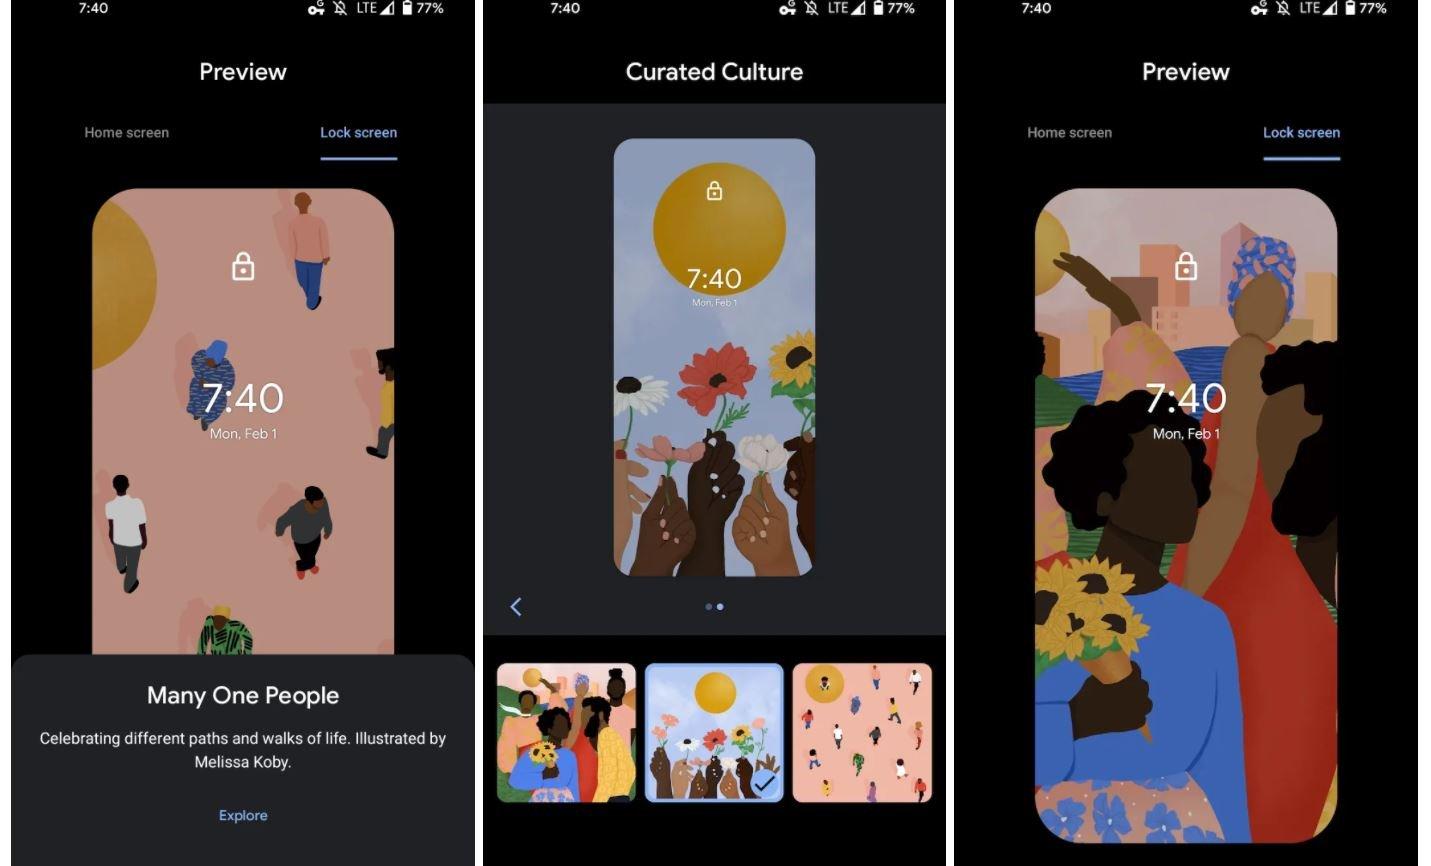 pixel wallpaper curated culture